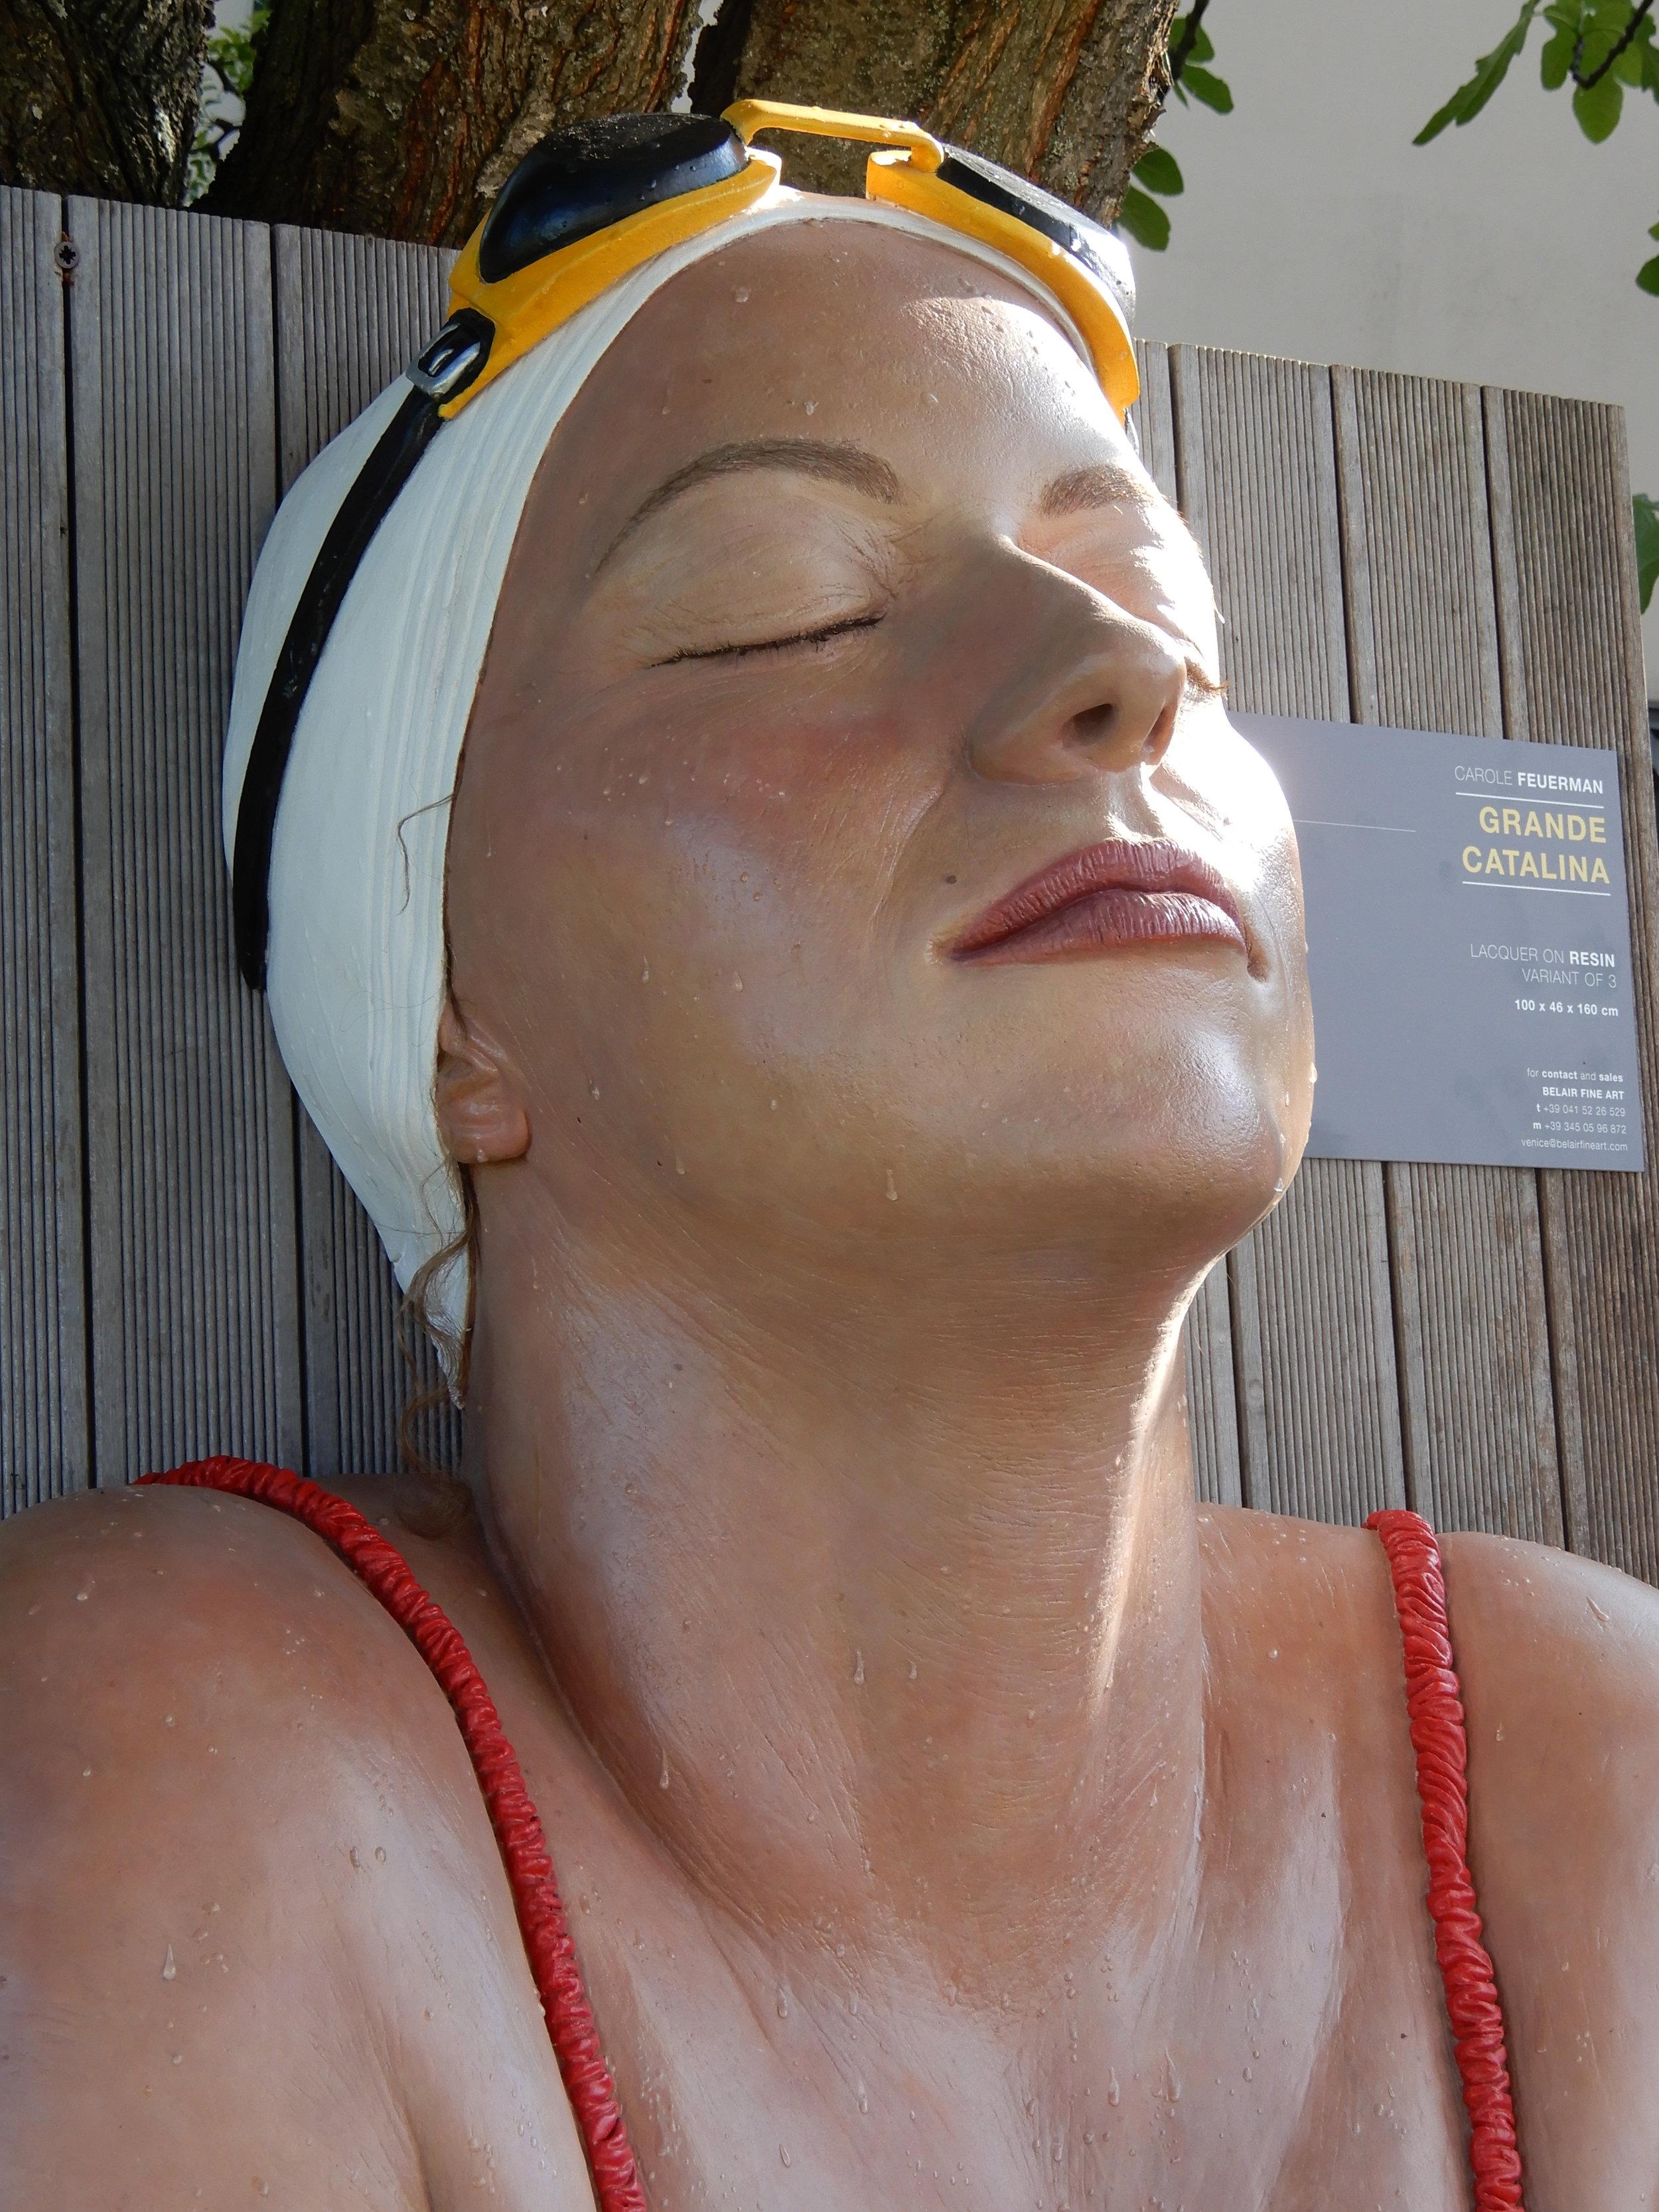 """Grande Catalina, 2005, Venissa Burano, Italy, Patinated Resin, 2005, 62"""" x 38"""" x 17"""""""